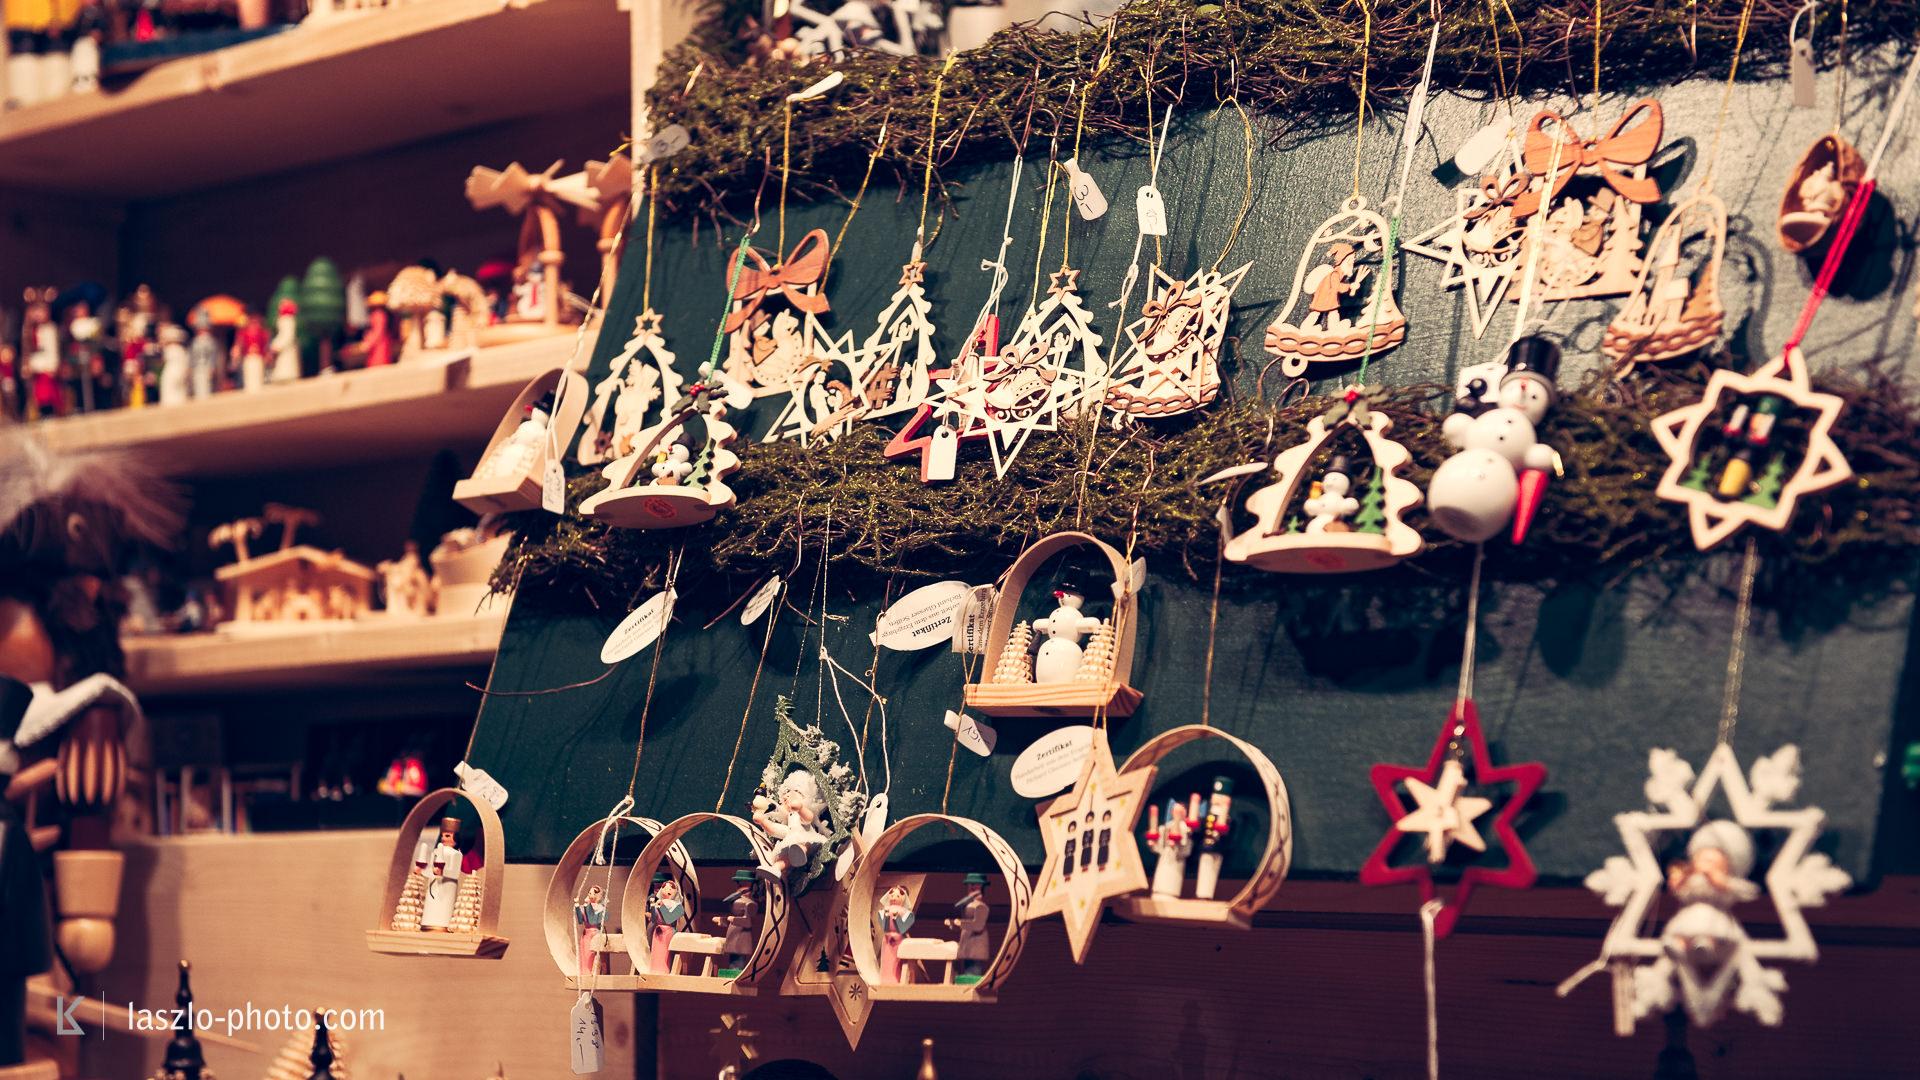 20161209_Weihnachten_Christkindlmarkt-4762